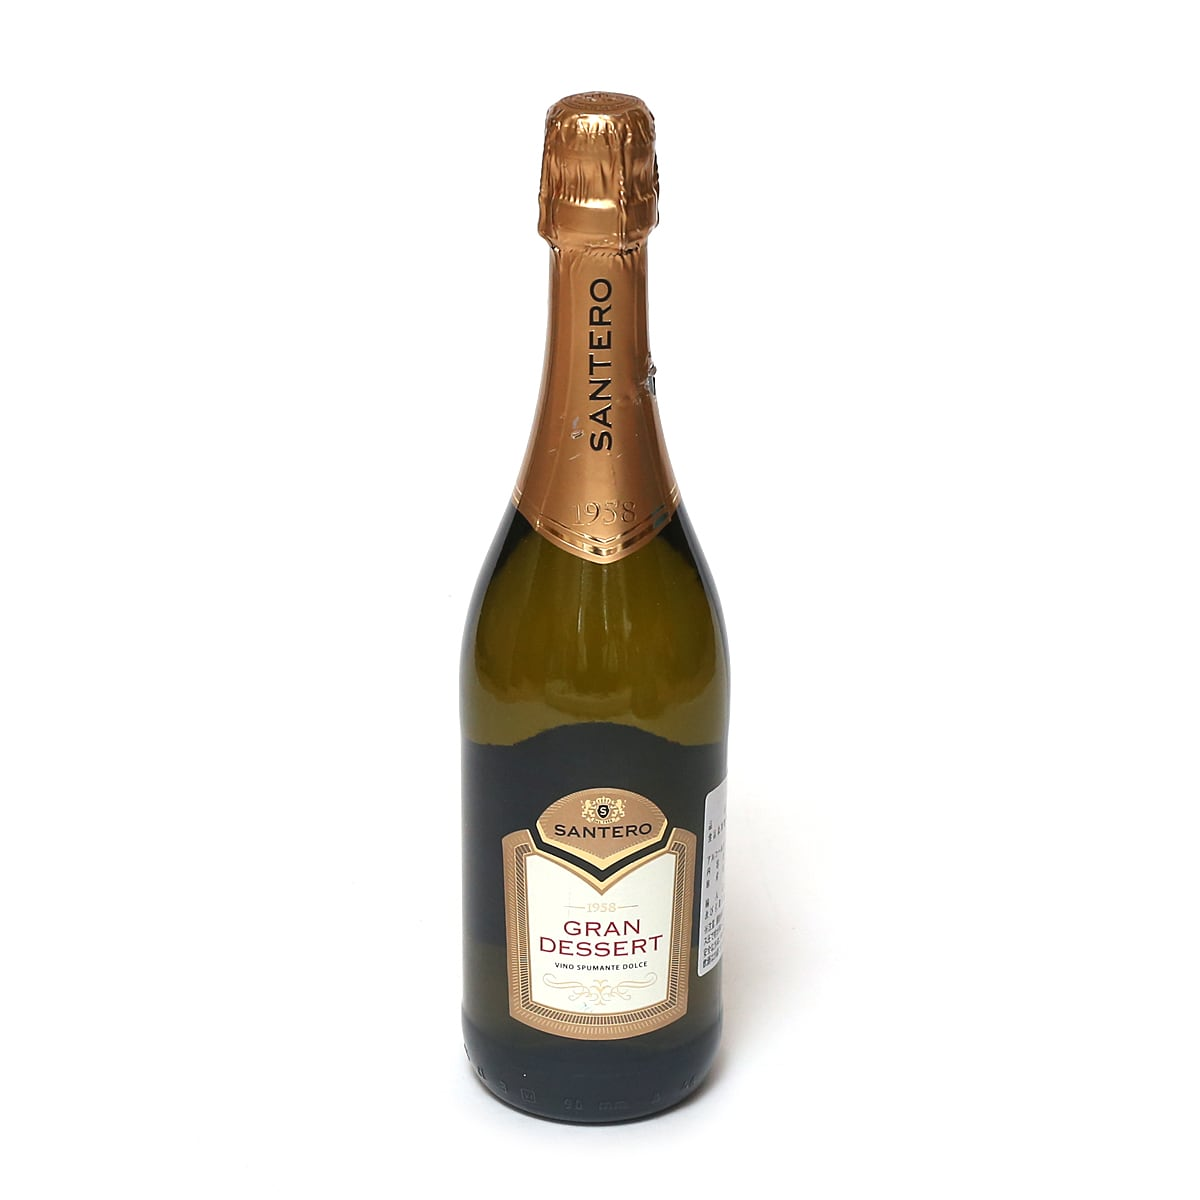 ウィダーズ ギフトバケット イタリア産スパークリングワイン